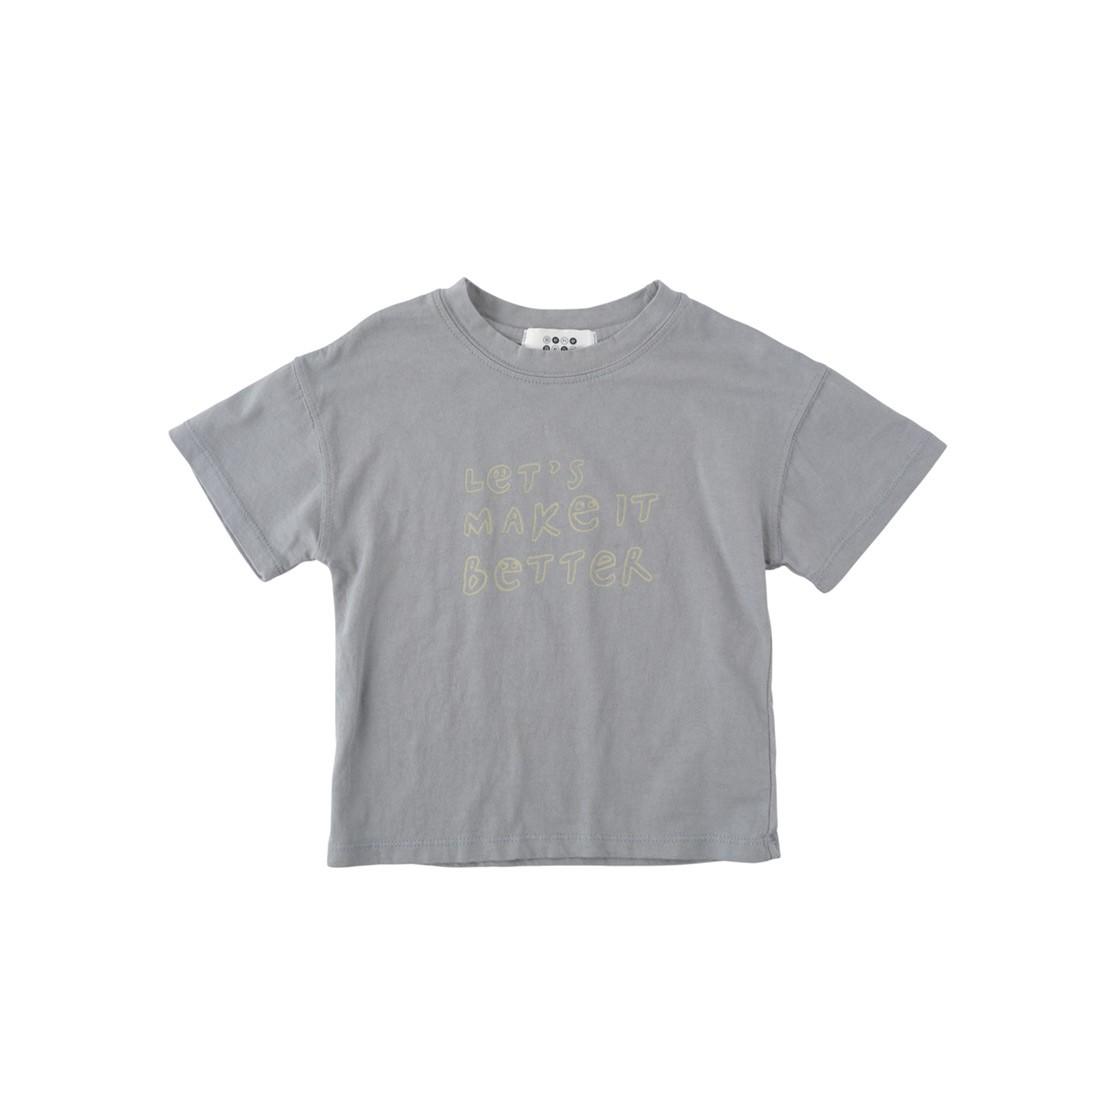 越來越美好 純棉柔軟T恤(灰藍色)